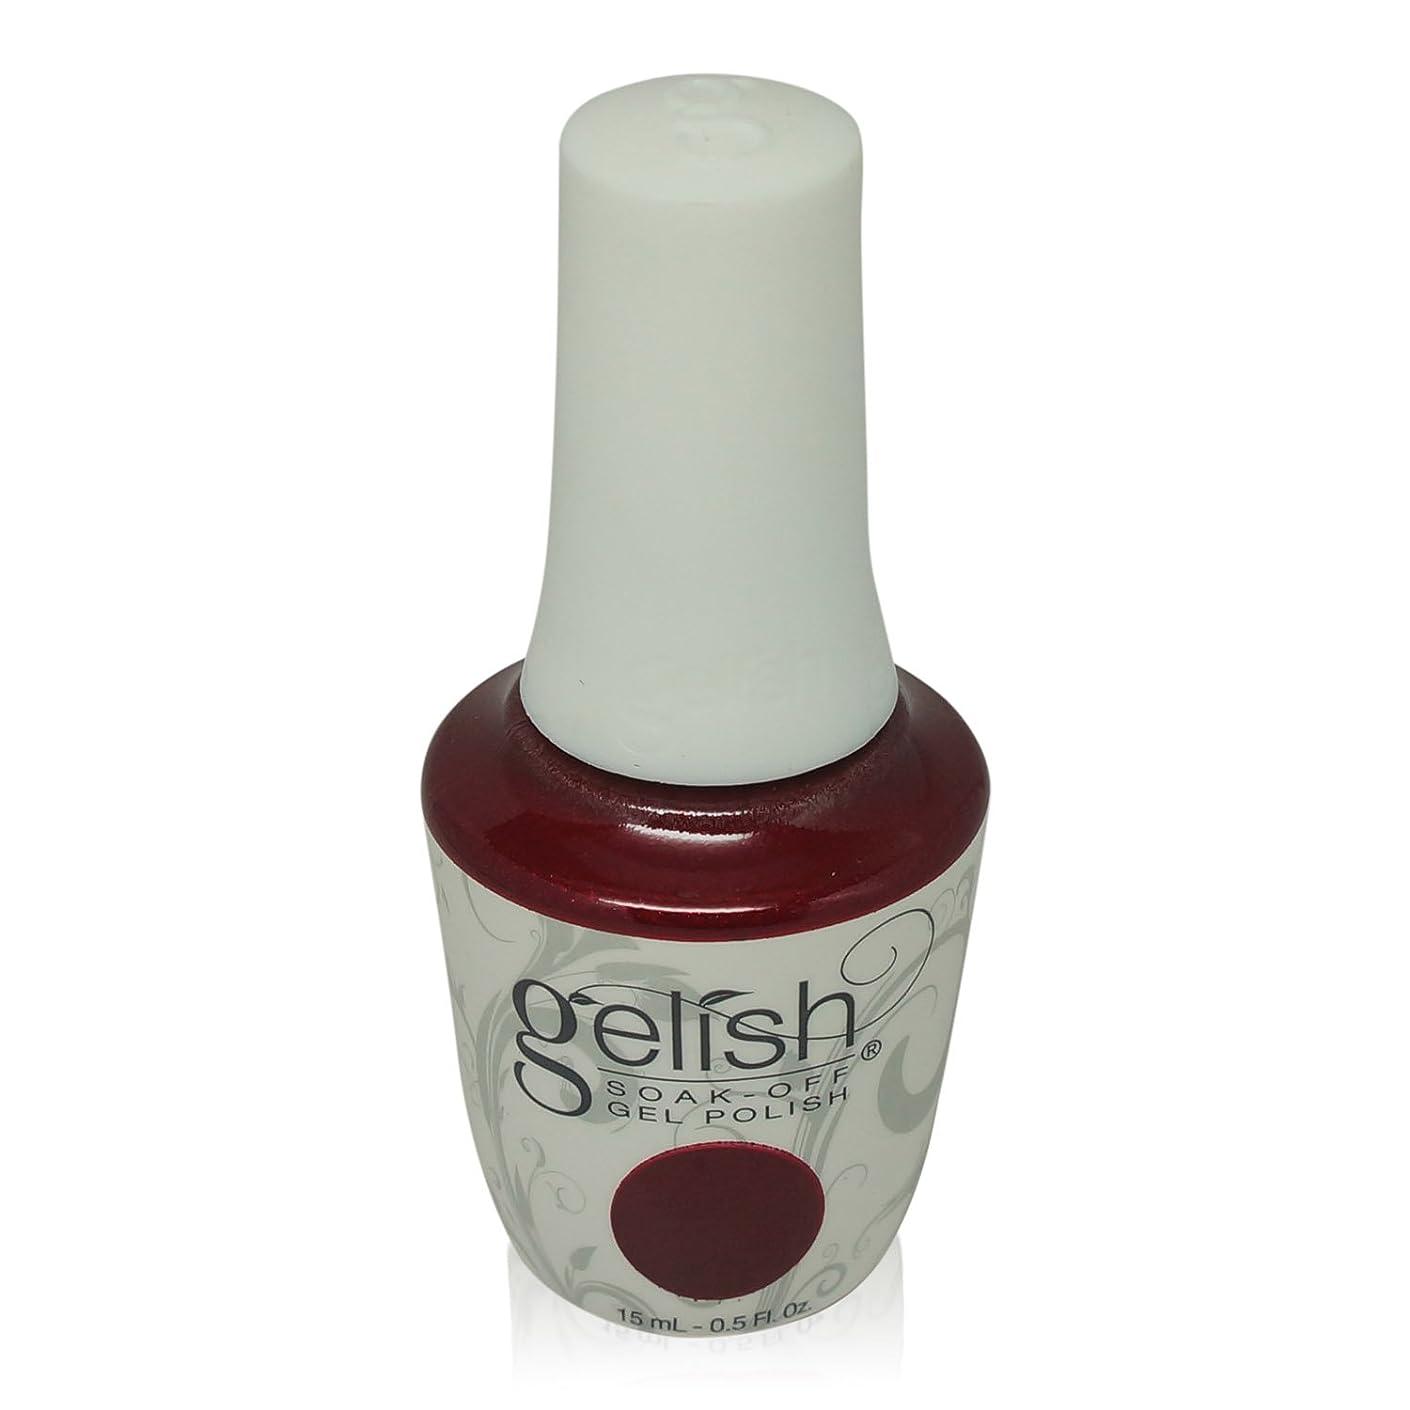 オーストラリア兄多くの危険がある状況Harmony Gelish - Good Gossip - 0.5oz / 15ml